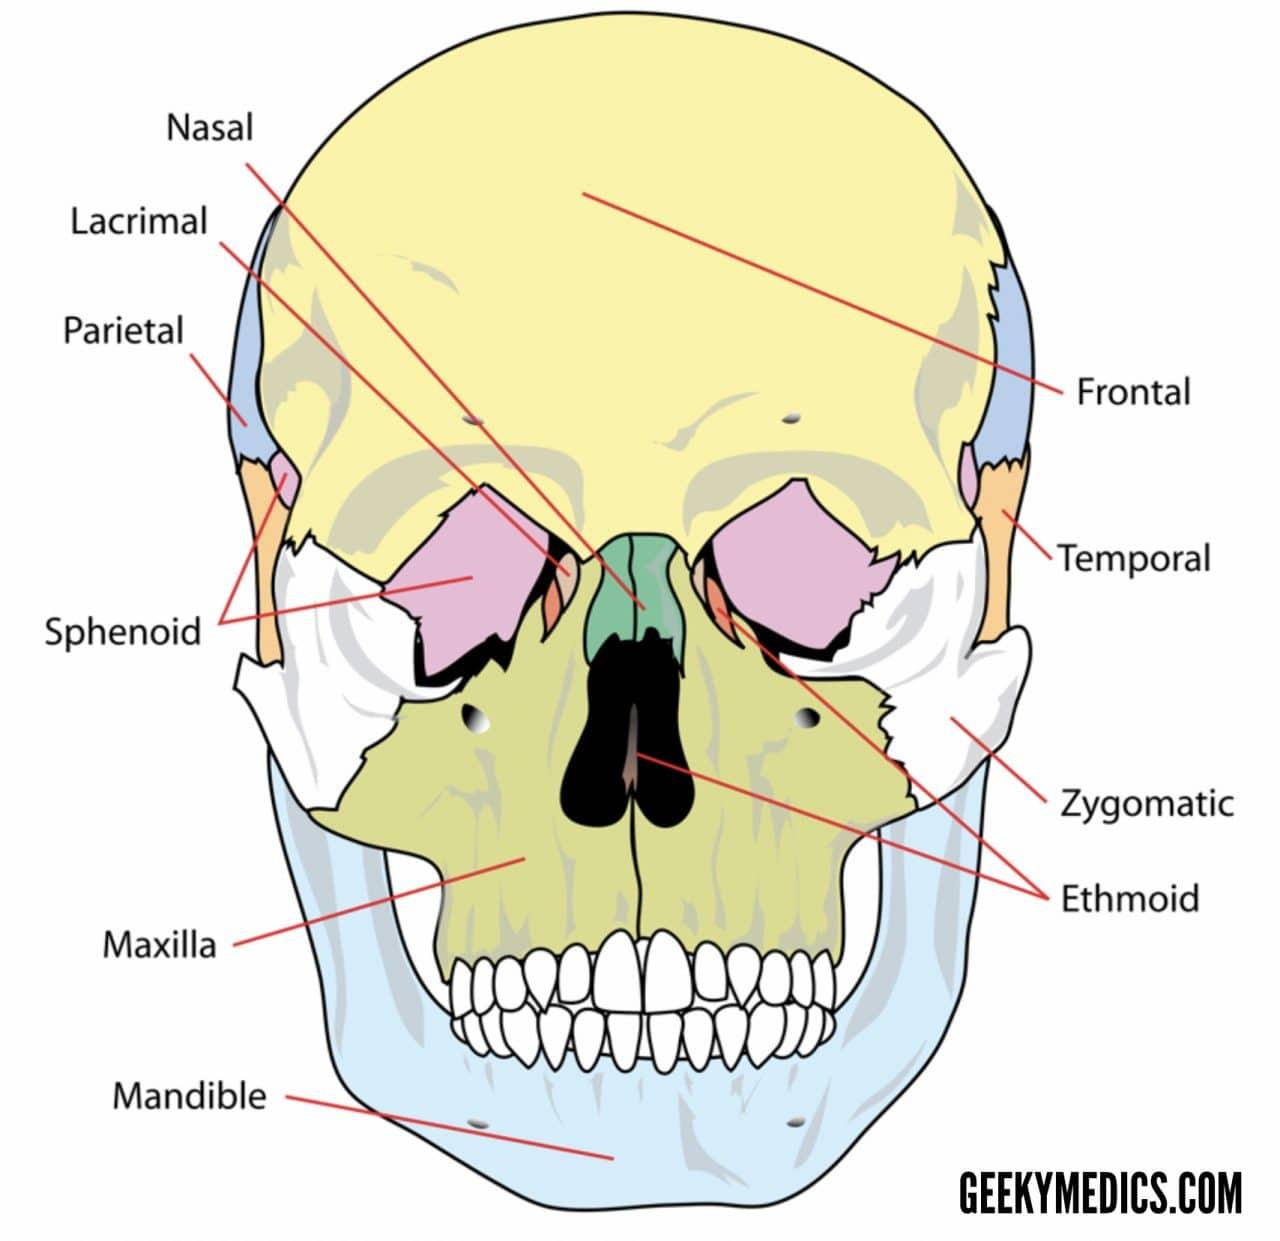 Skull bones (anterior), https://geekymedics.com/bones-of-the-skull/